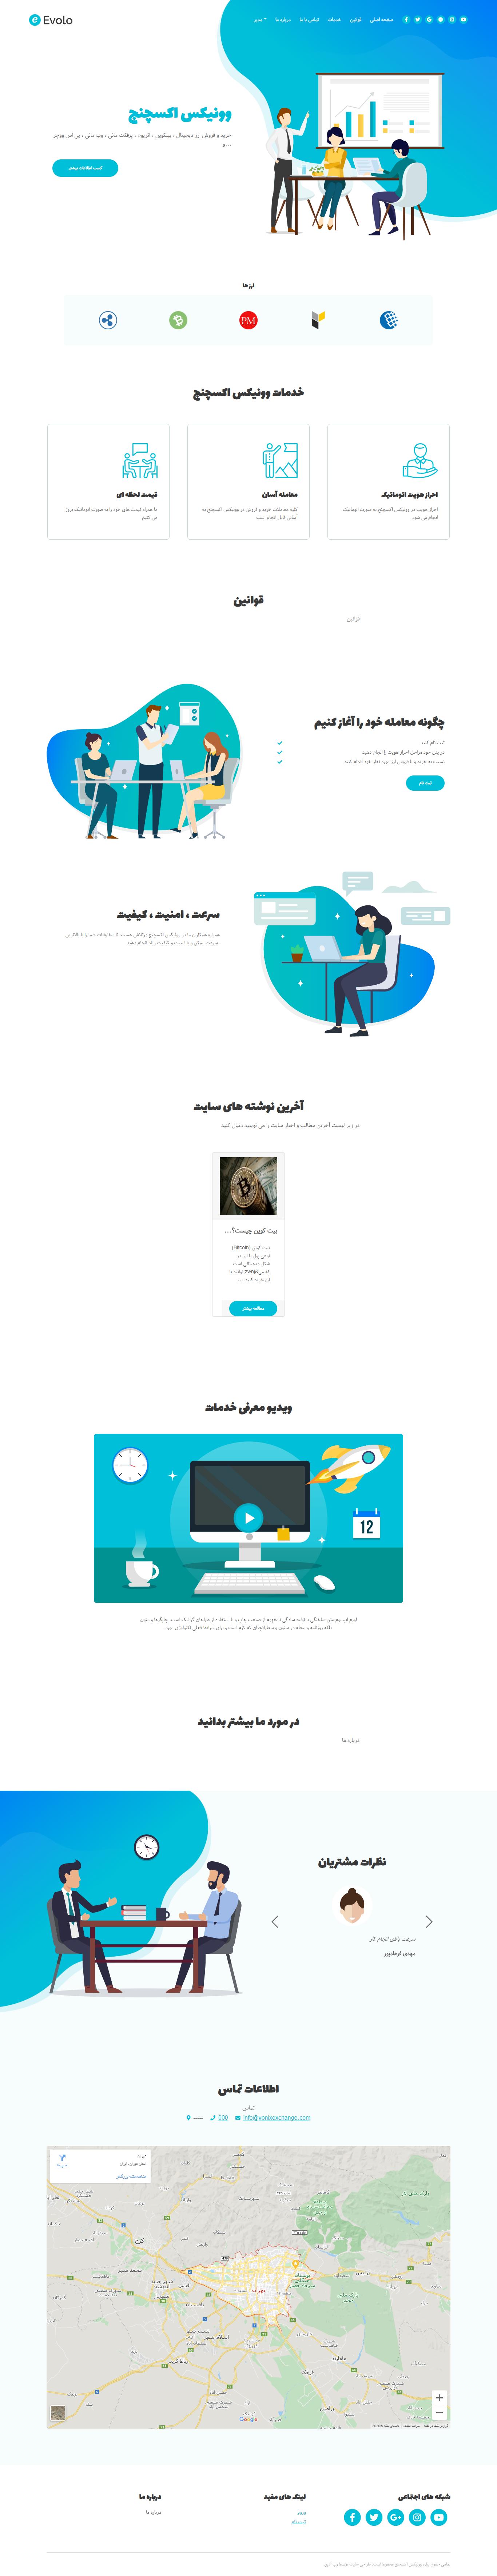 نمونه کار طراحی سایت ارز دیجیتال